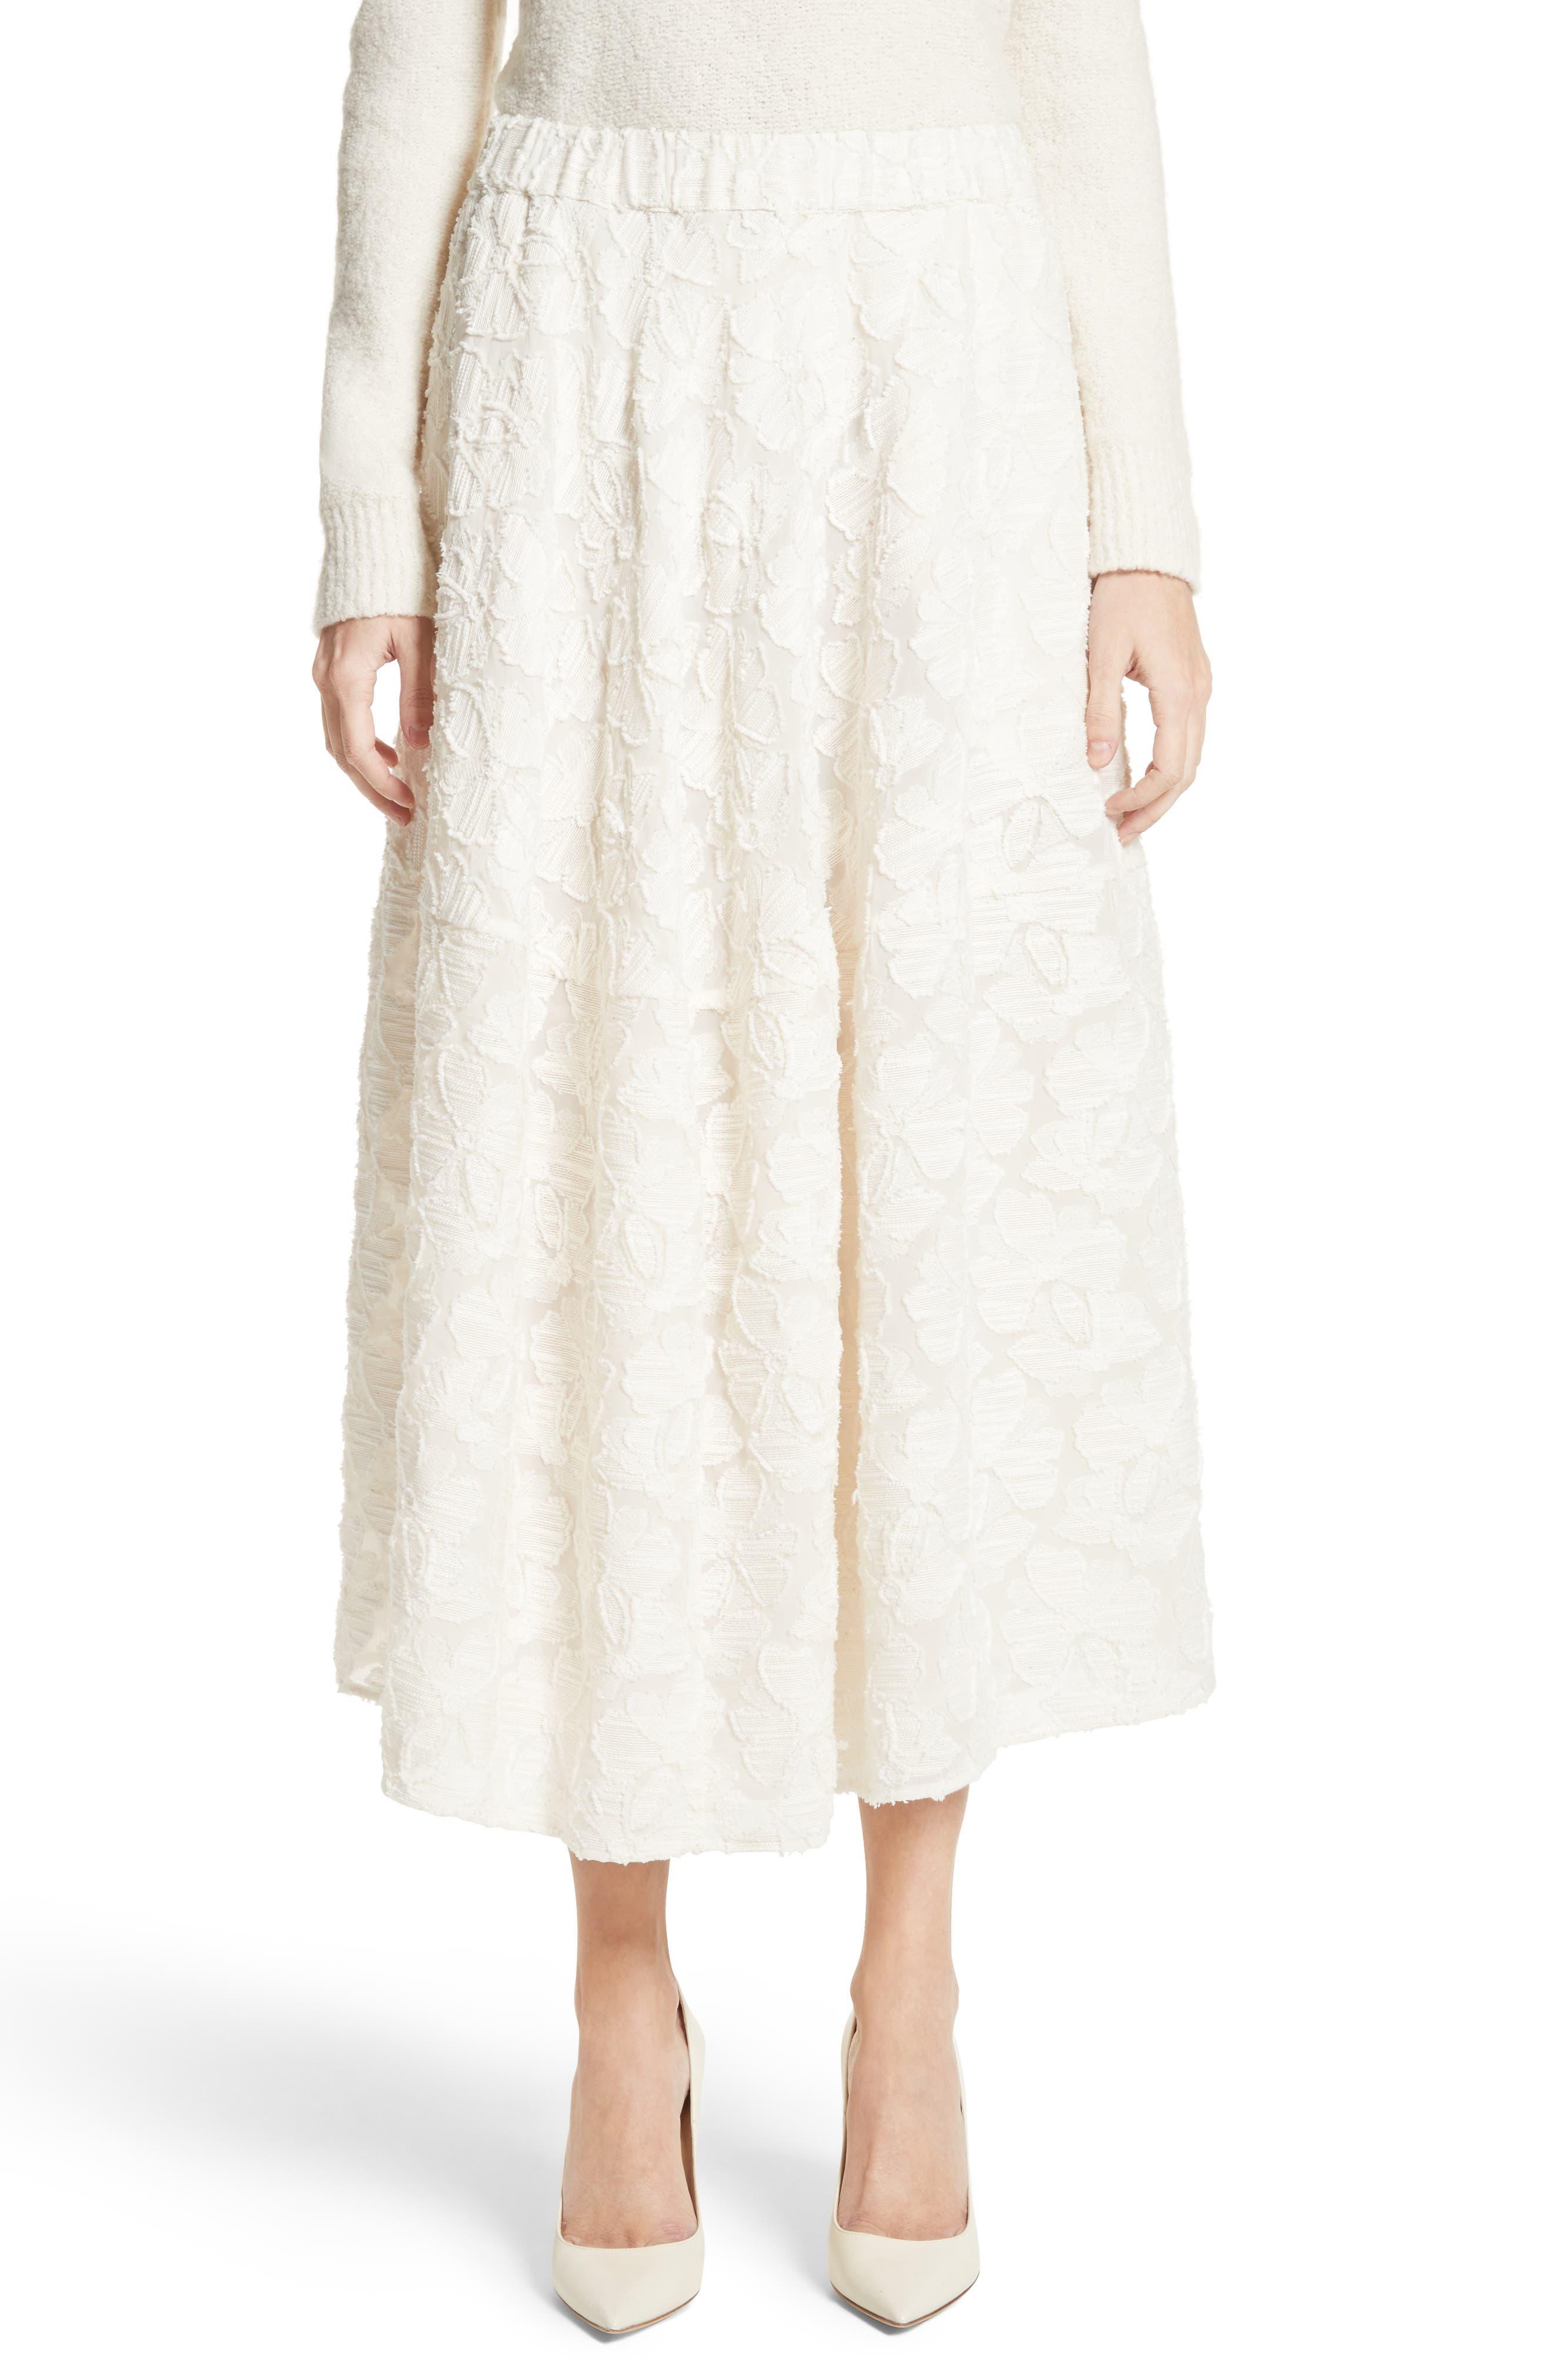 Co Pleated Fil Coupé Midi Skirt